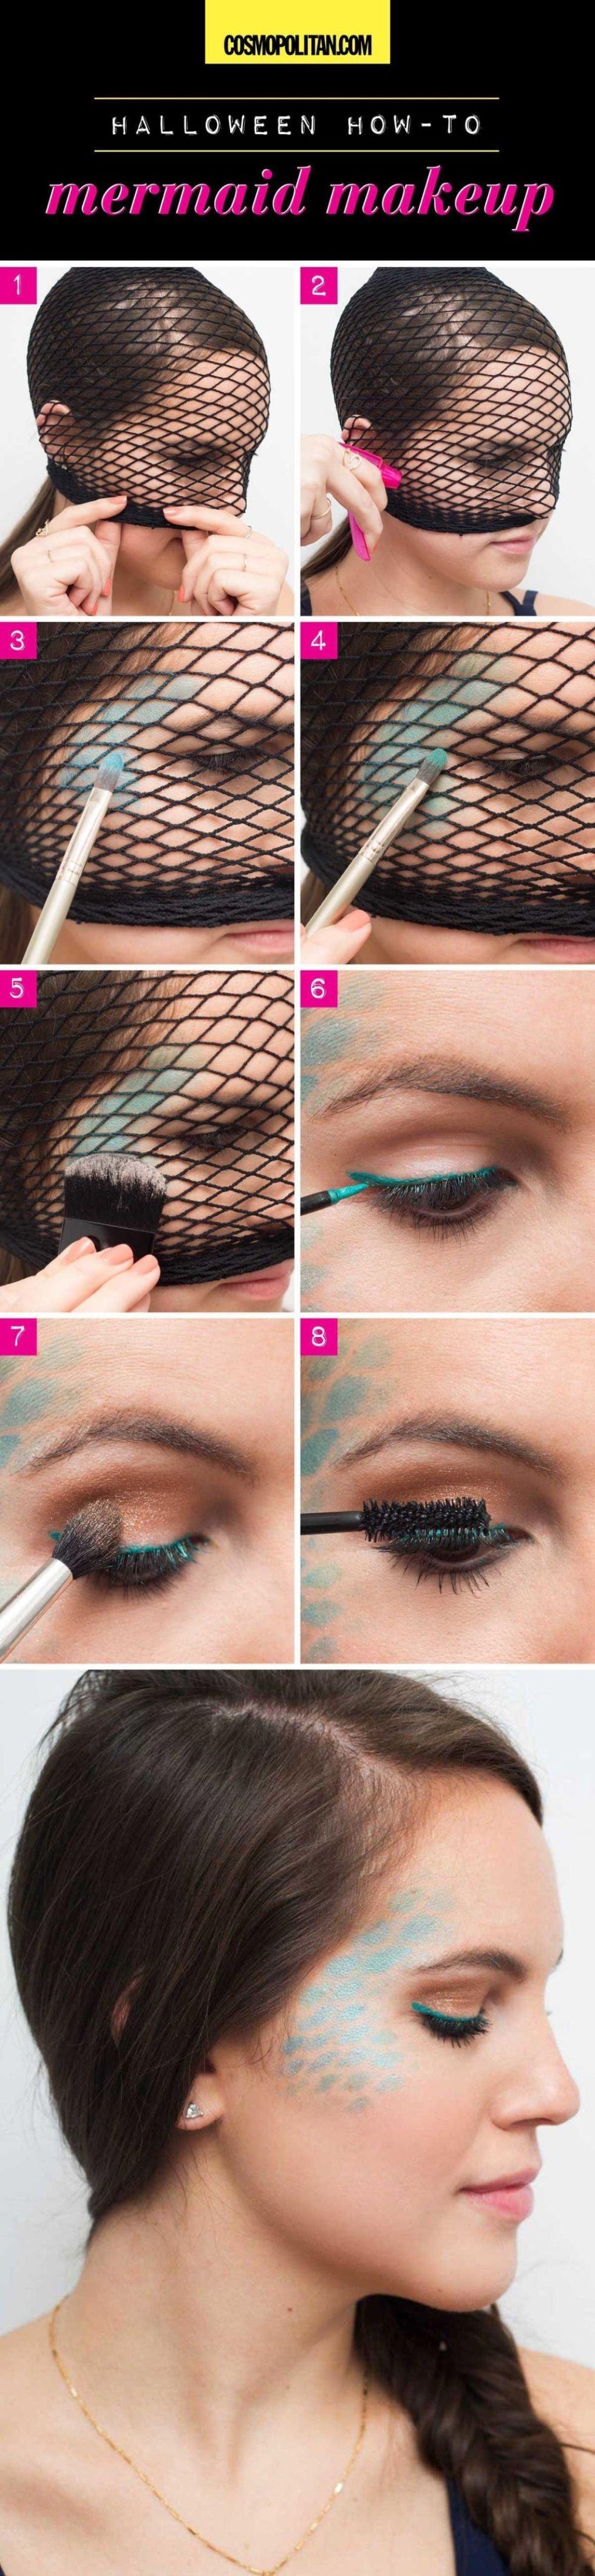 Easy Halloween Makeup Tutorials - Halloween Makeup Ideas With ...